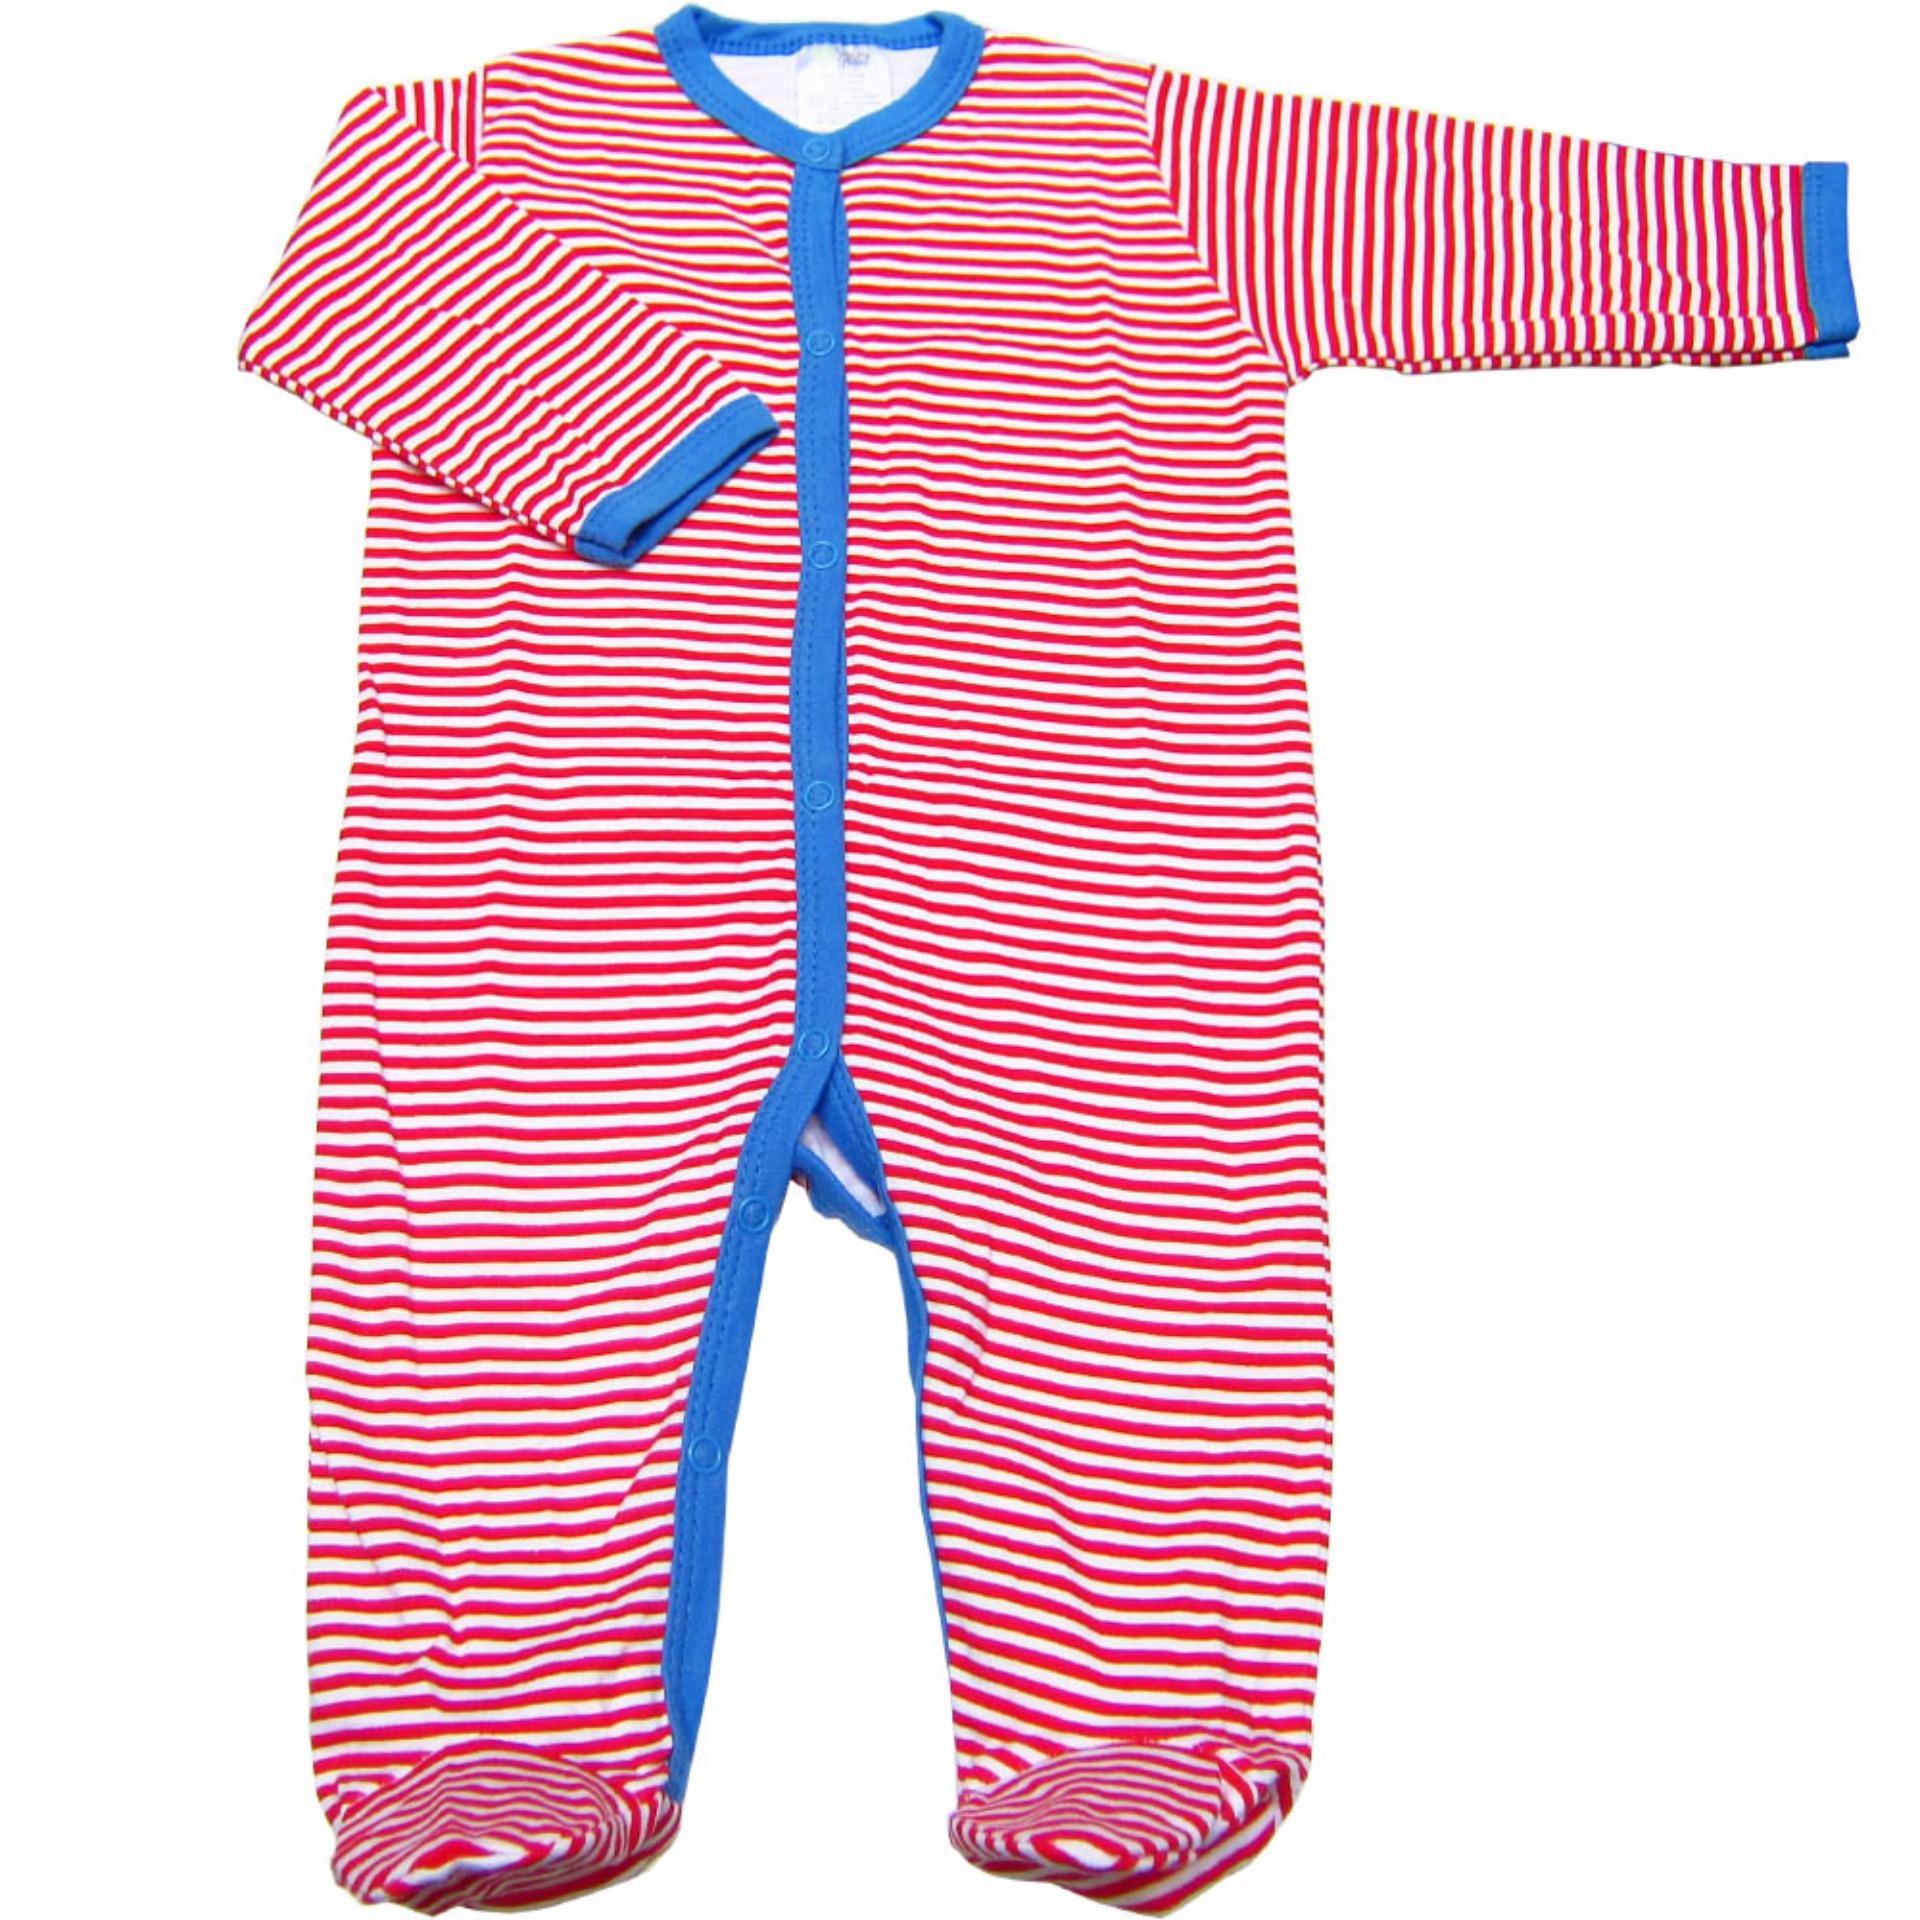 Bộ 3 áo liền quần liền vớ bé trai từ 3 đến 12 tháng Baby Gear (Mẫukhoai tây)